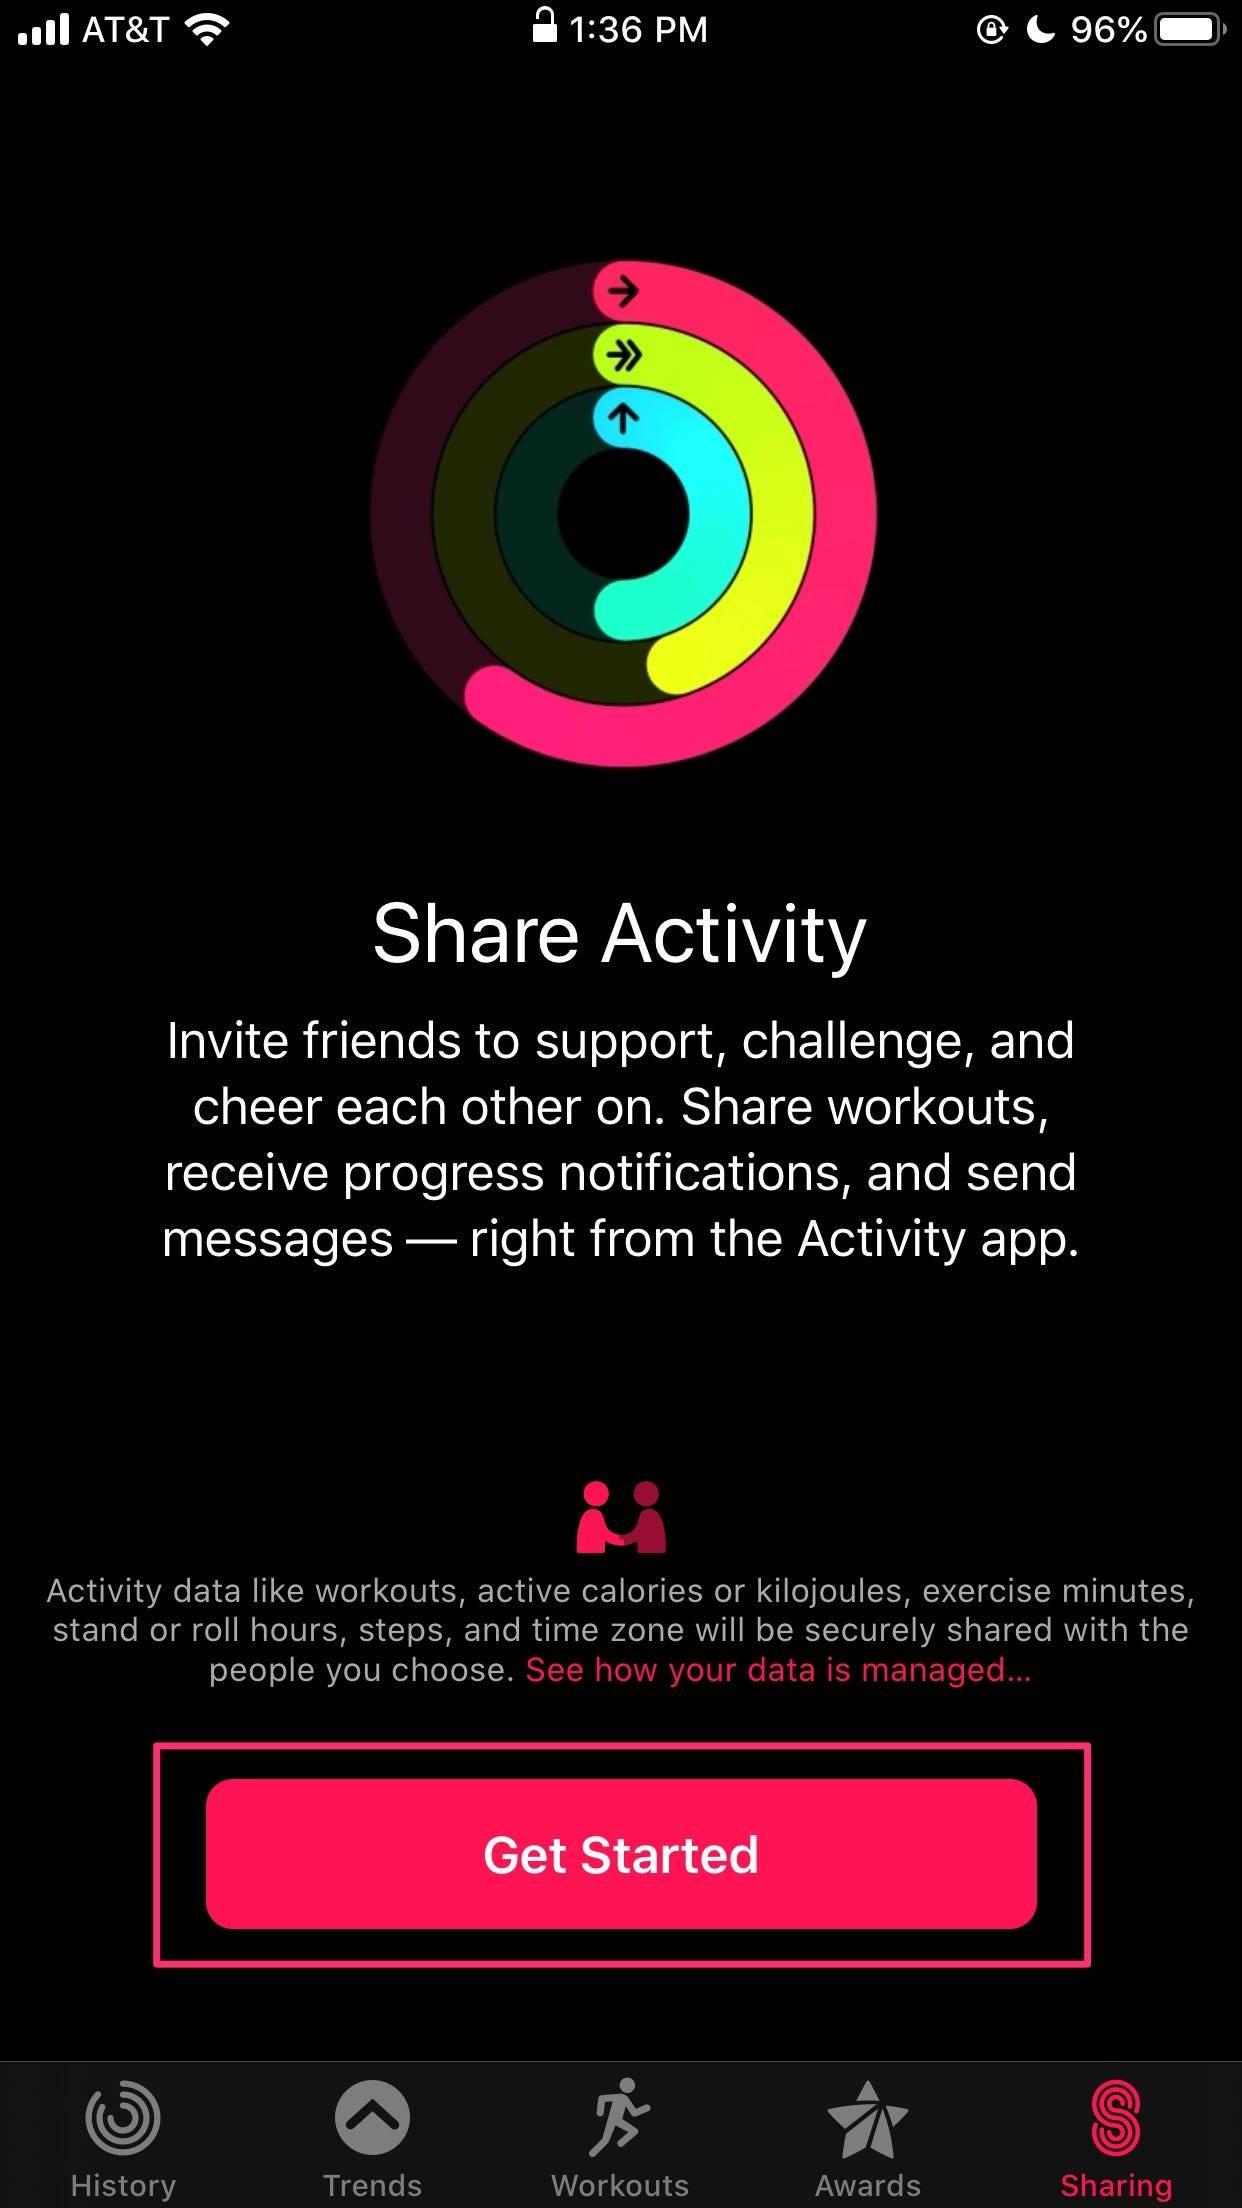 如何在锻炼期间共享Apple Watch活动并向朋友发送消息